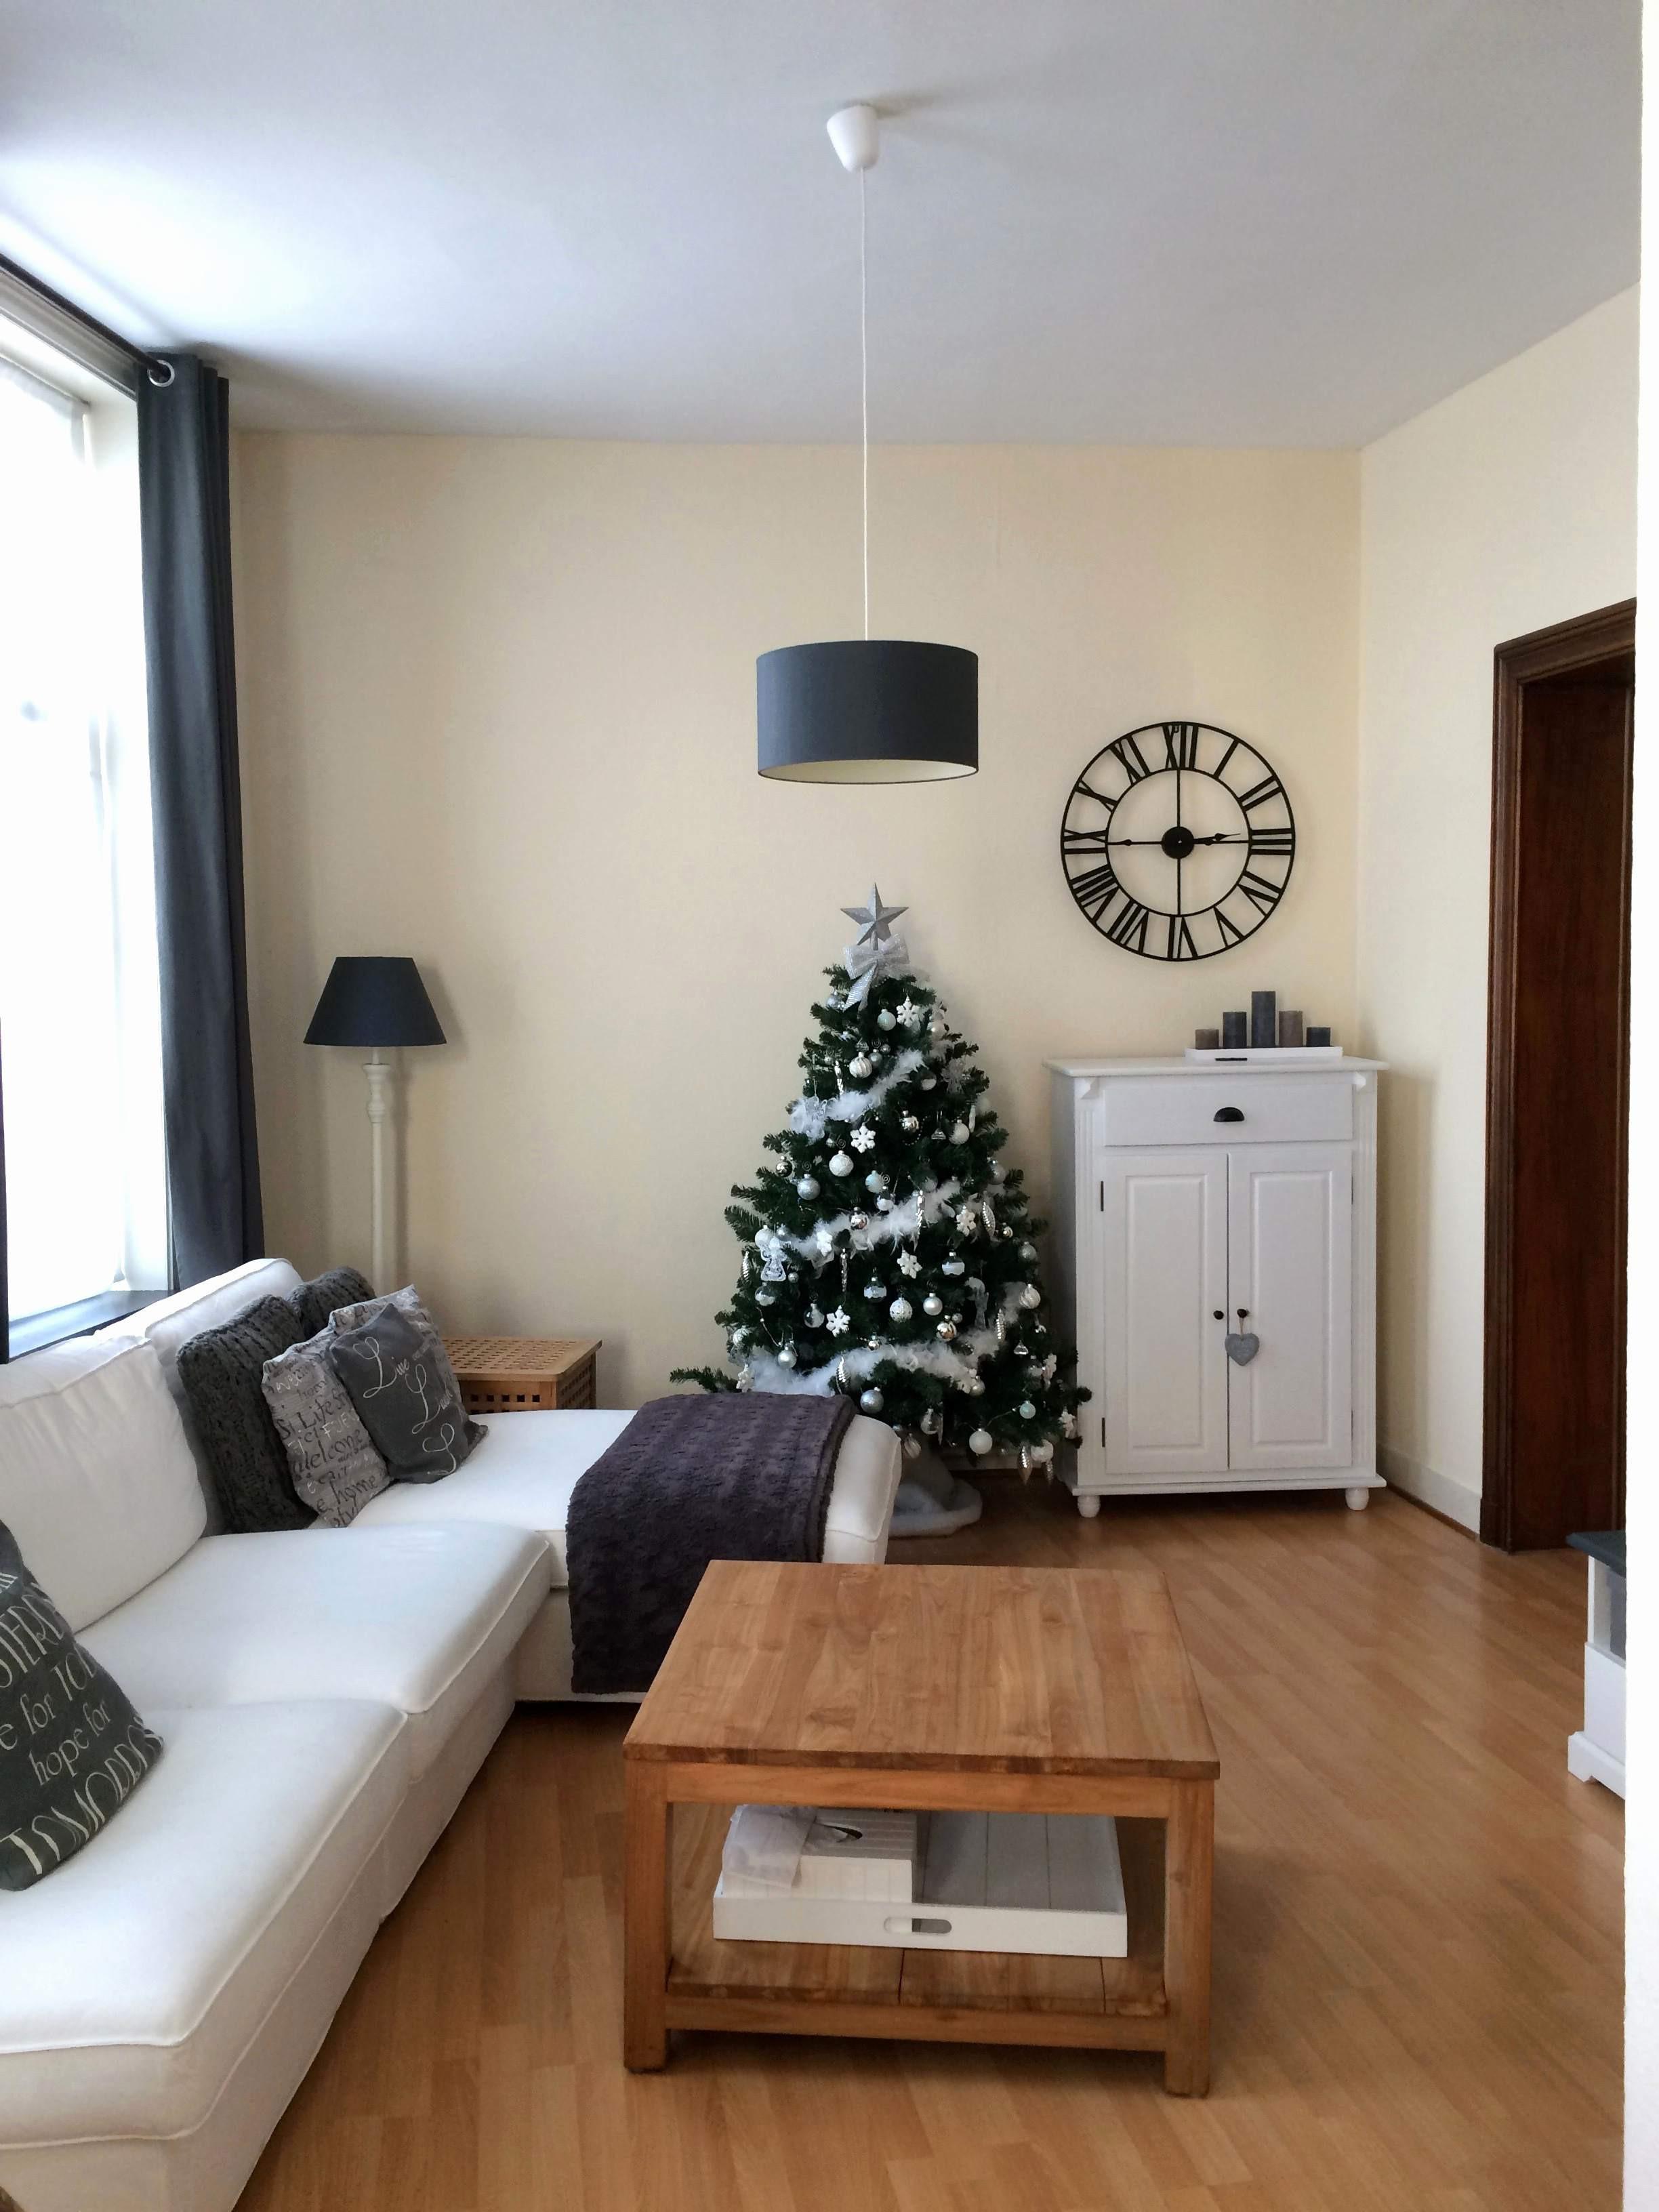 Jeux decoration interieur maison - Design en image